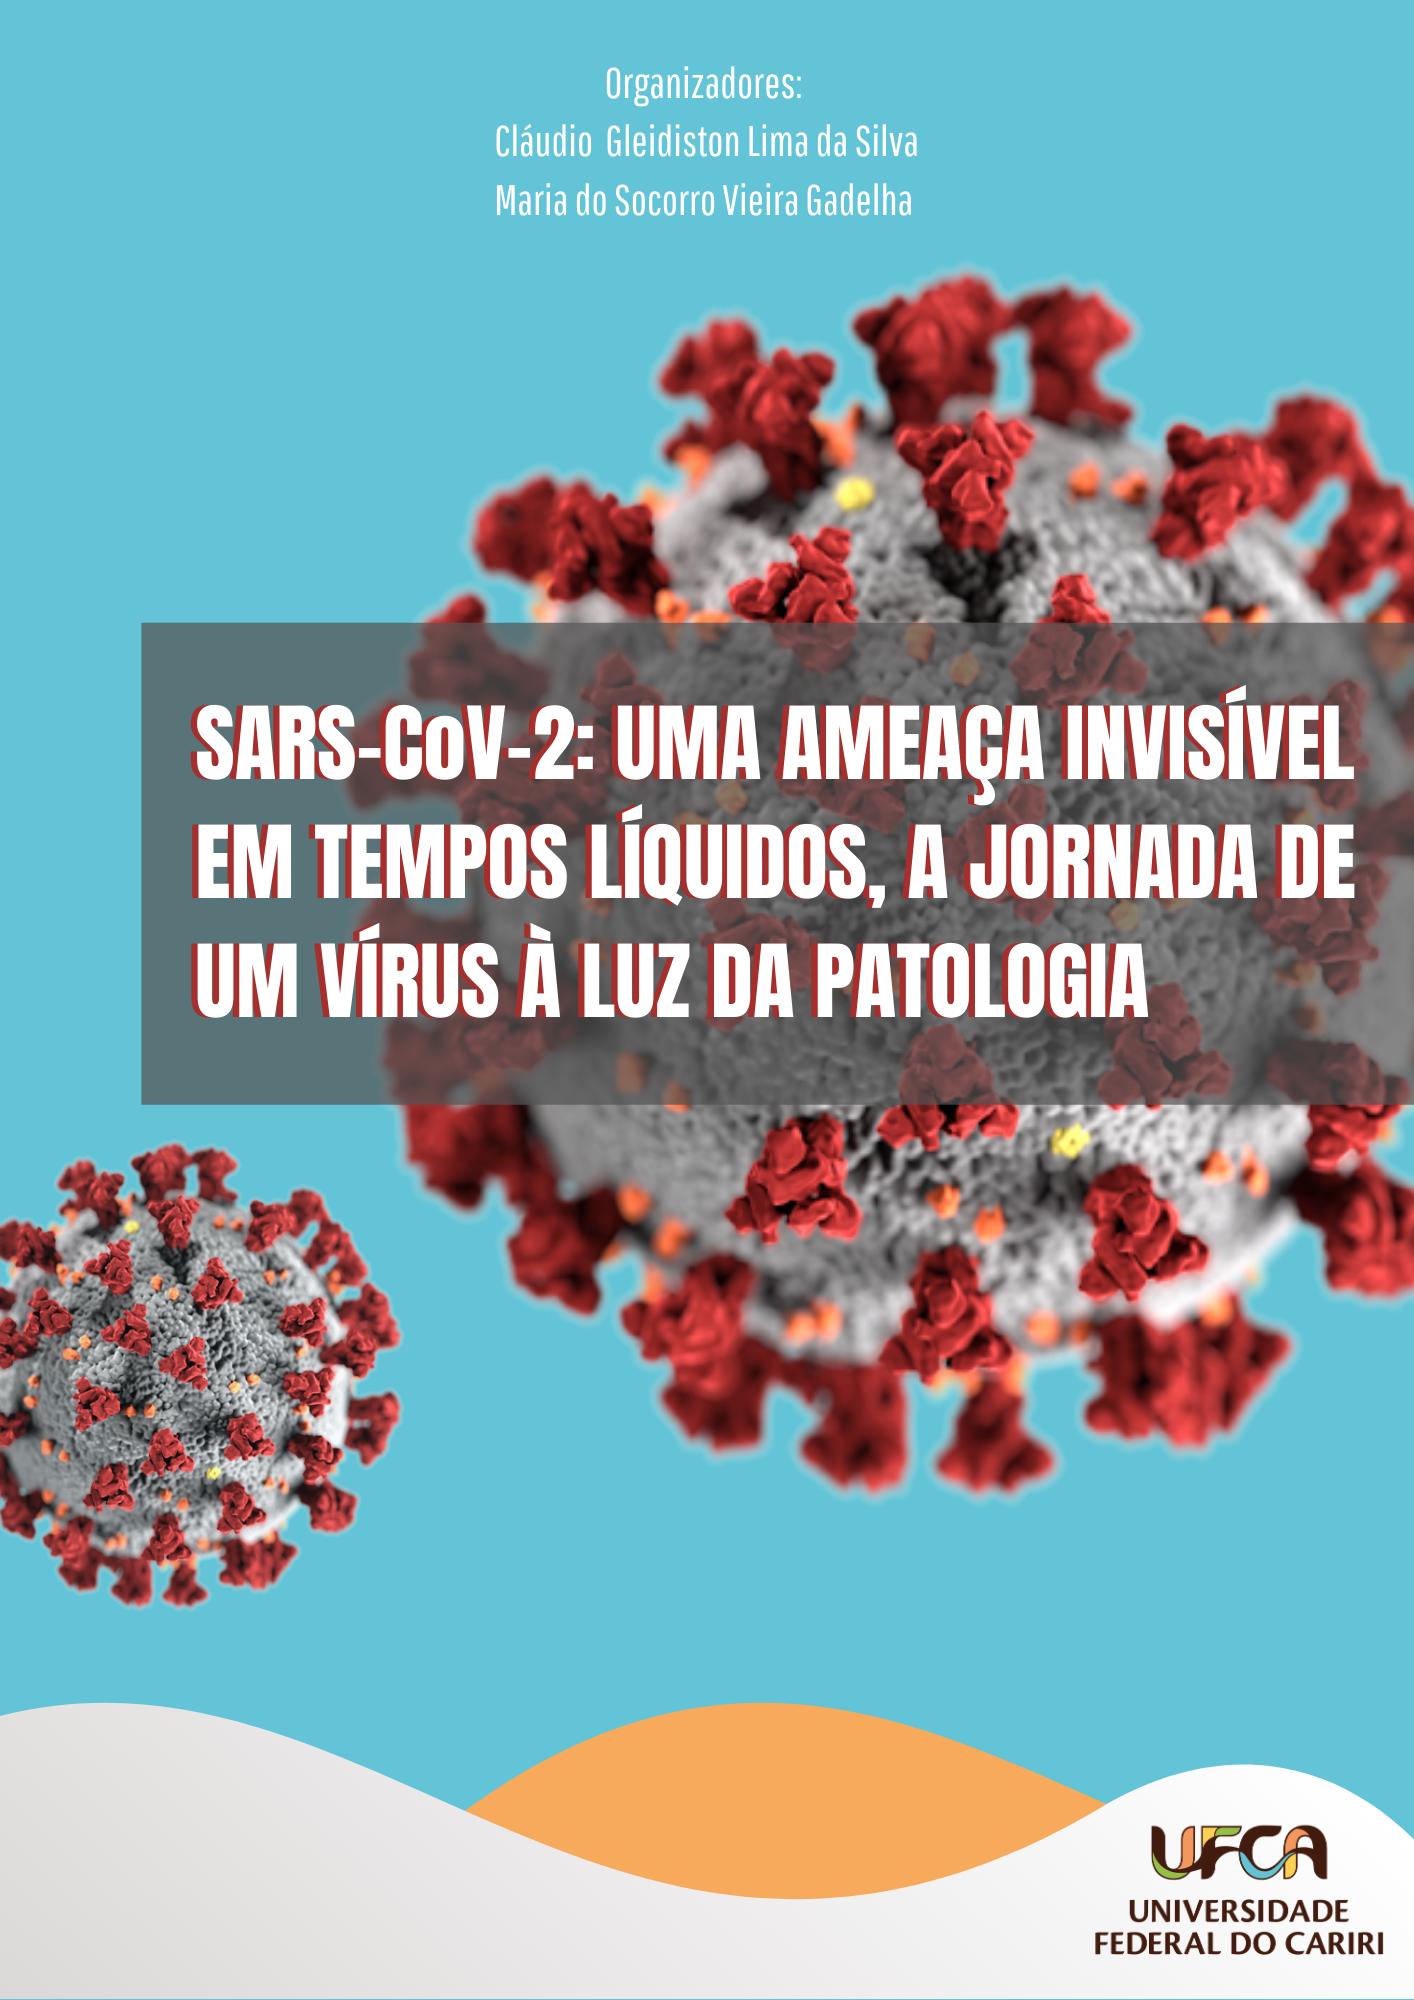 SARS-CoV-2: uma ameaça invisível em tempos líquidos, a jornada de um vírus à luz da patologia thumbnail